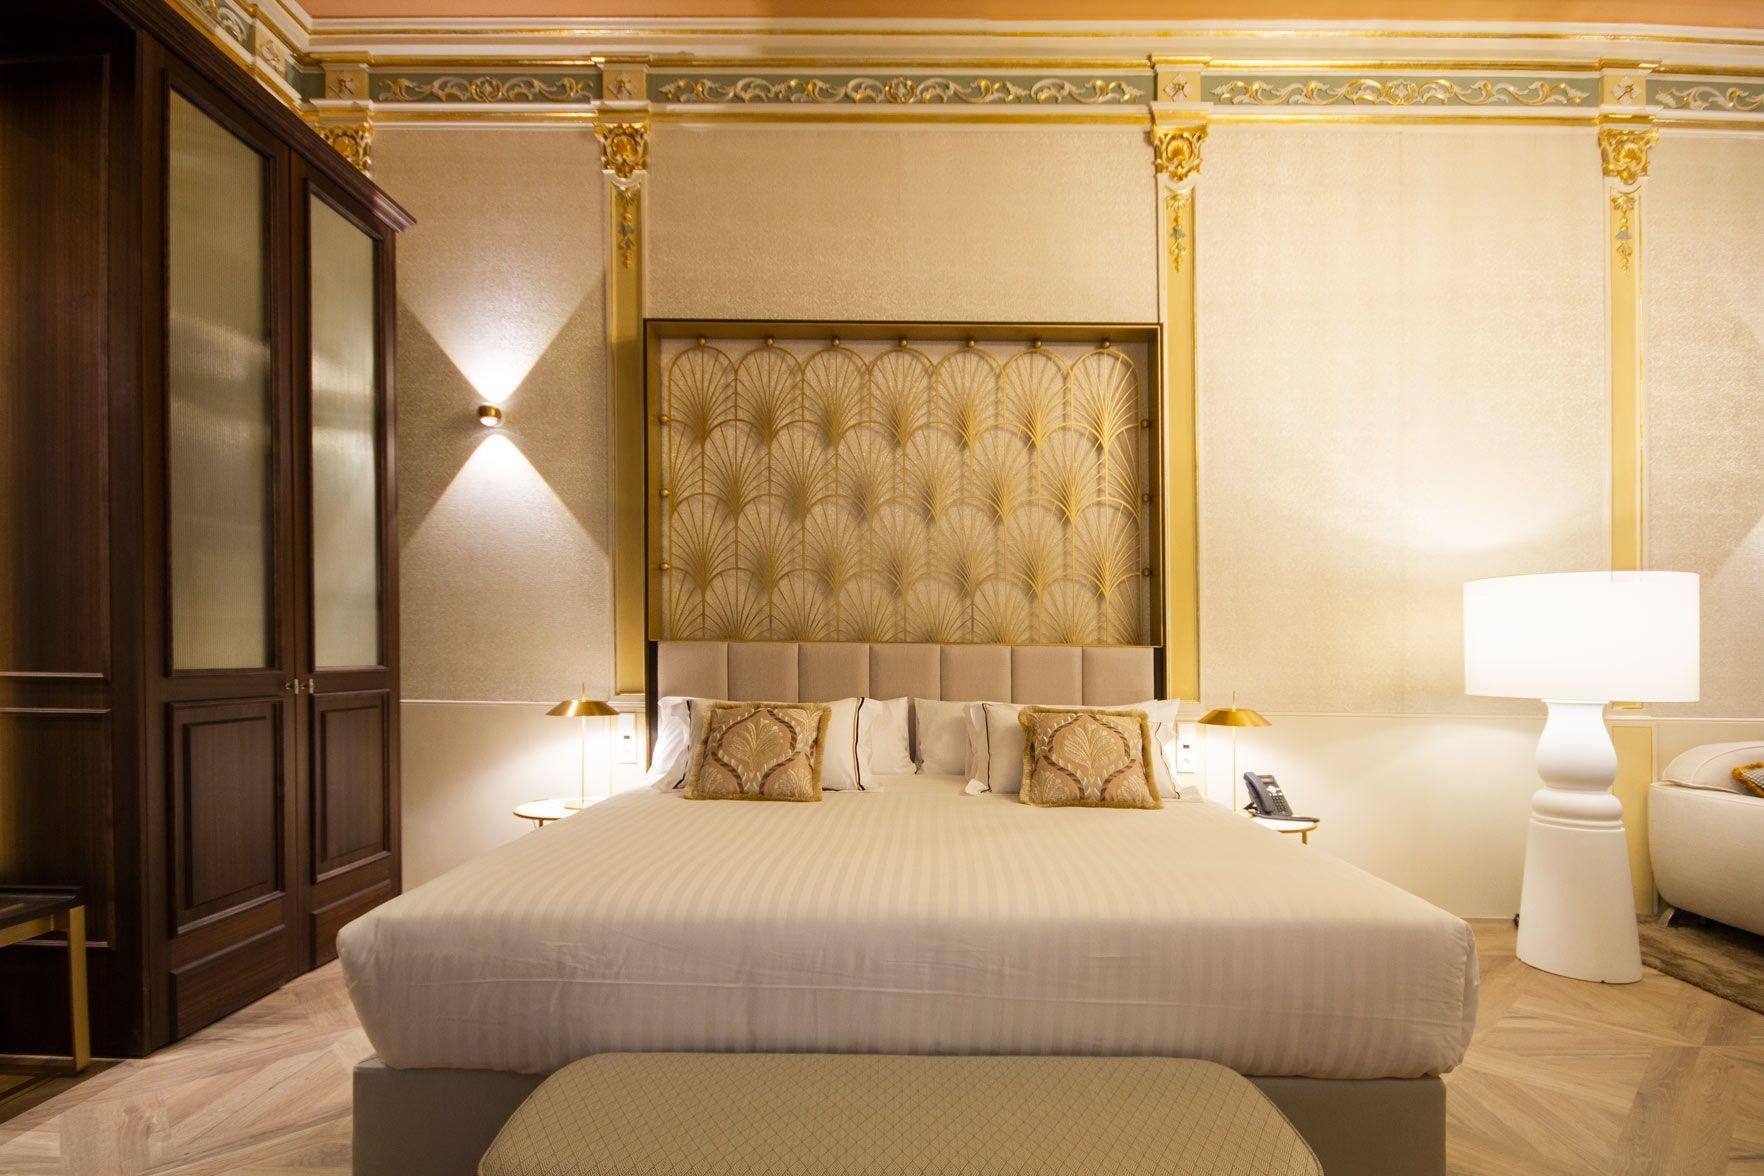 Palacio Vallier de València: un palacete del siglo XIX reconvertido en hotel de lujo